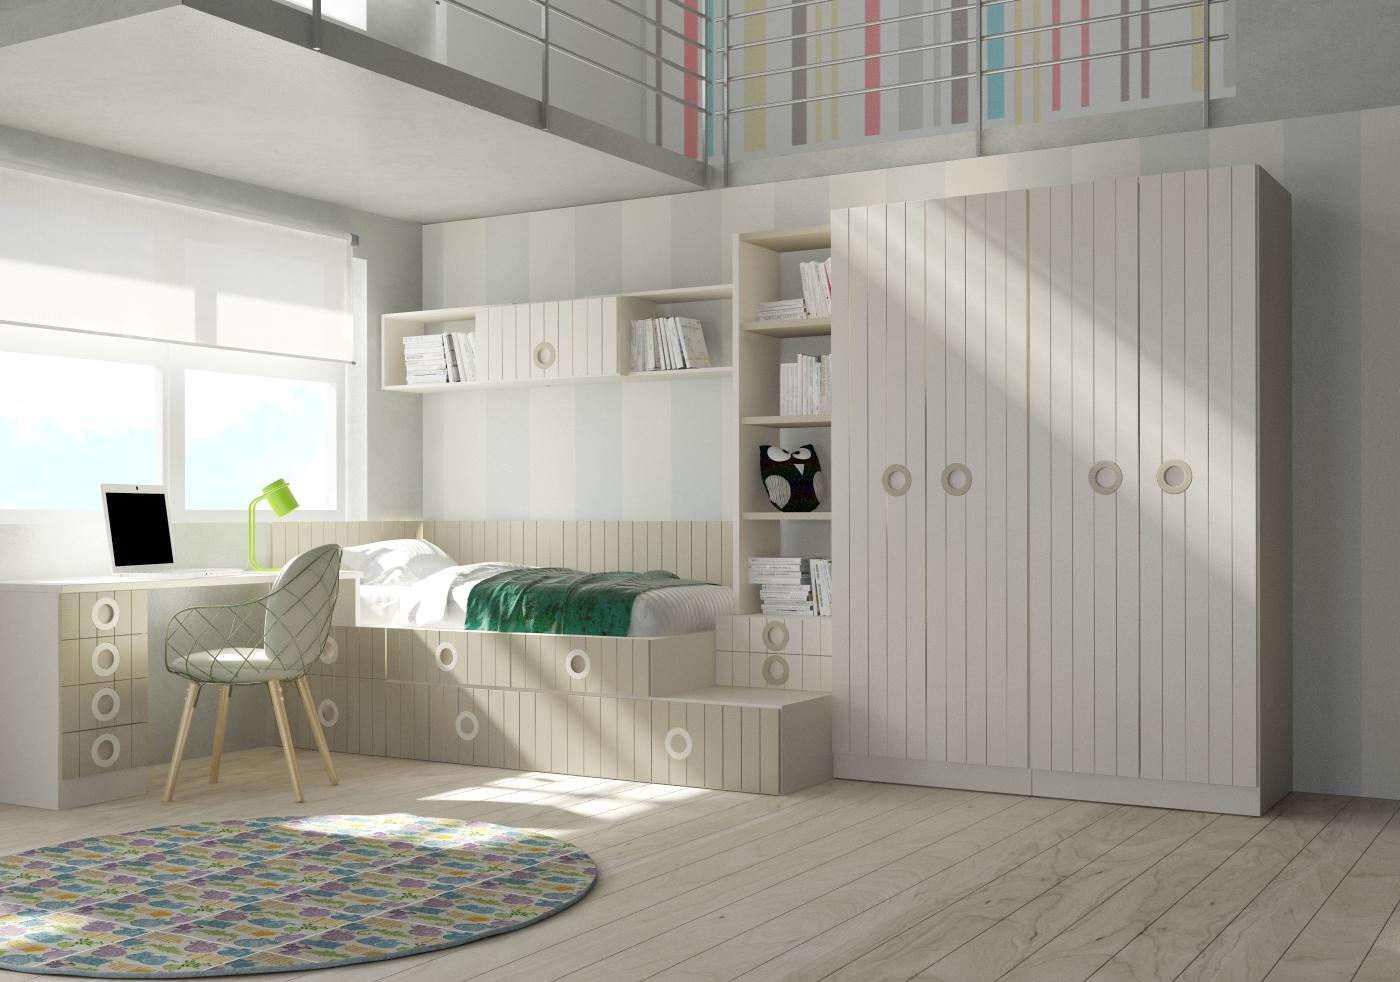 Cama compacta lacada dormitorios juveniles cama nido - Cama nido lacada ...